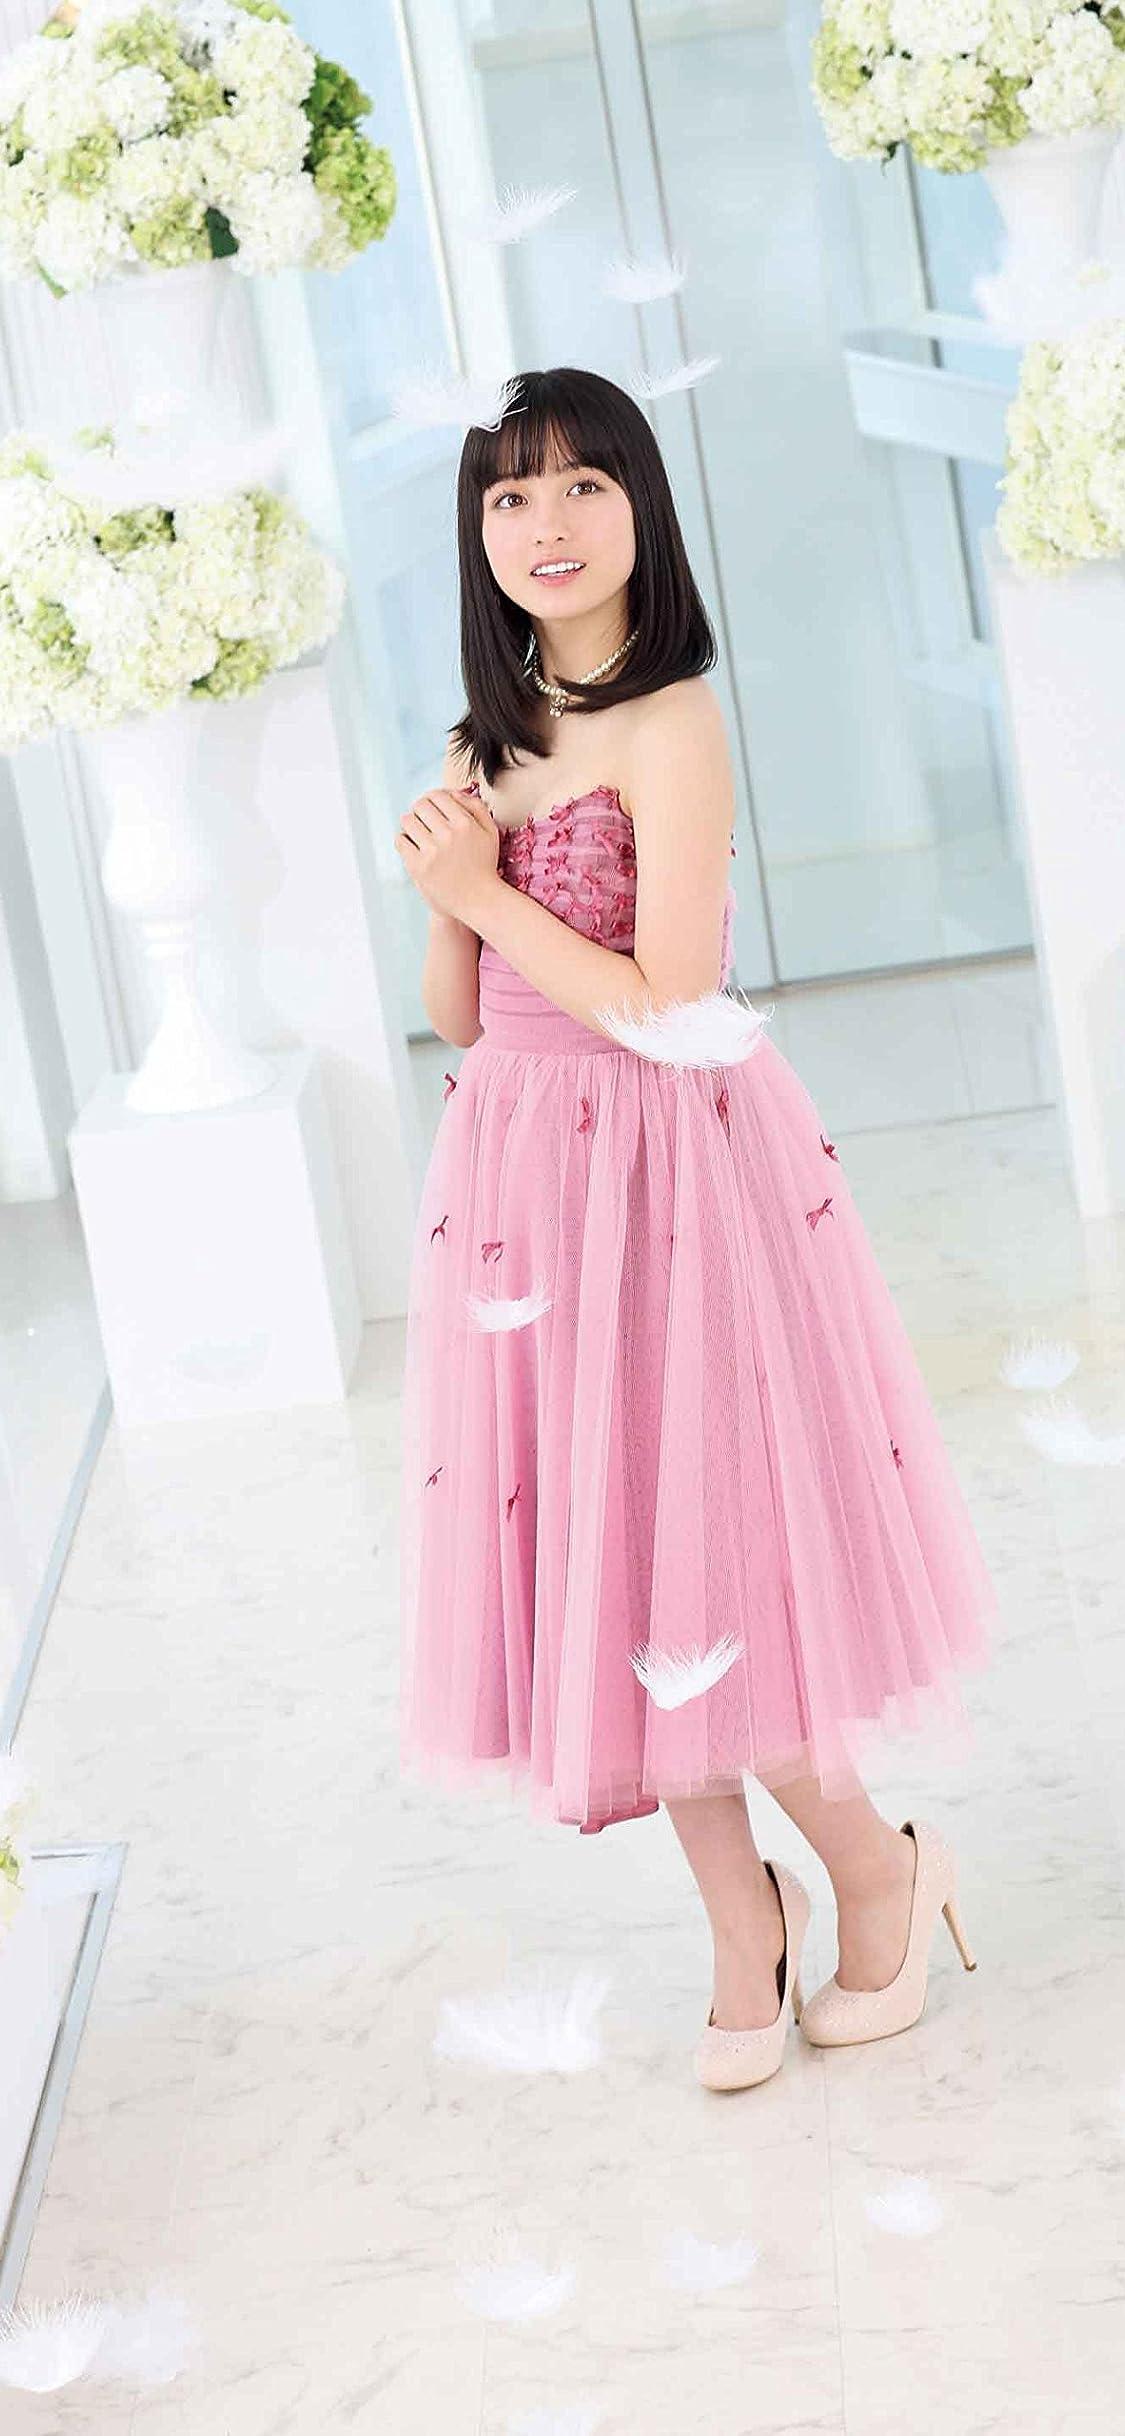 橋本環奈 ピンクのドレスを着た環奈さん Iphone X 壁紙 1125x2436